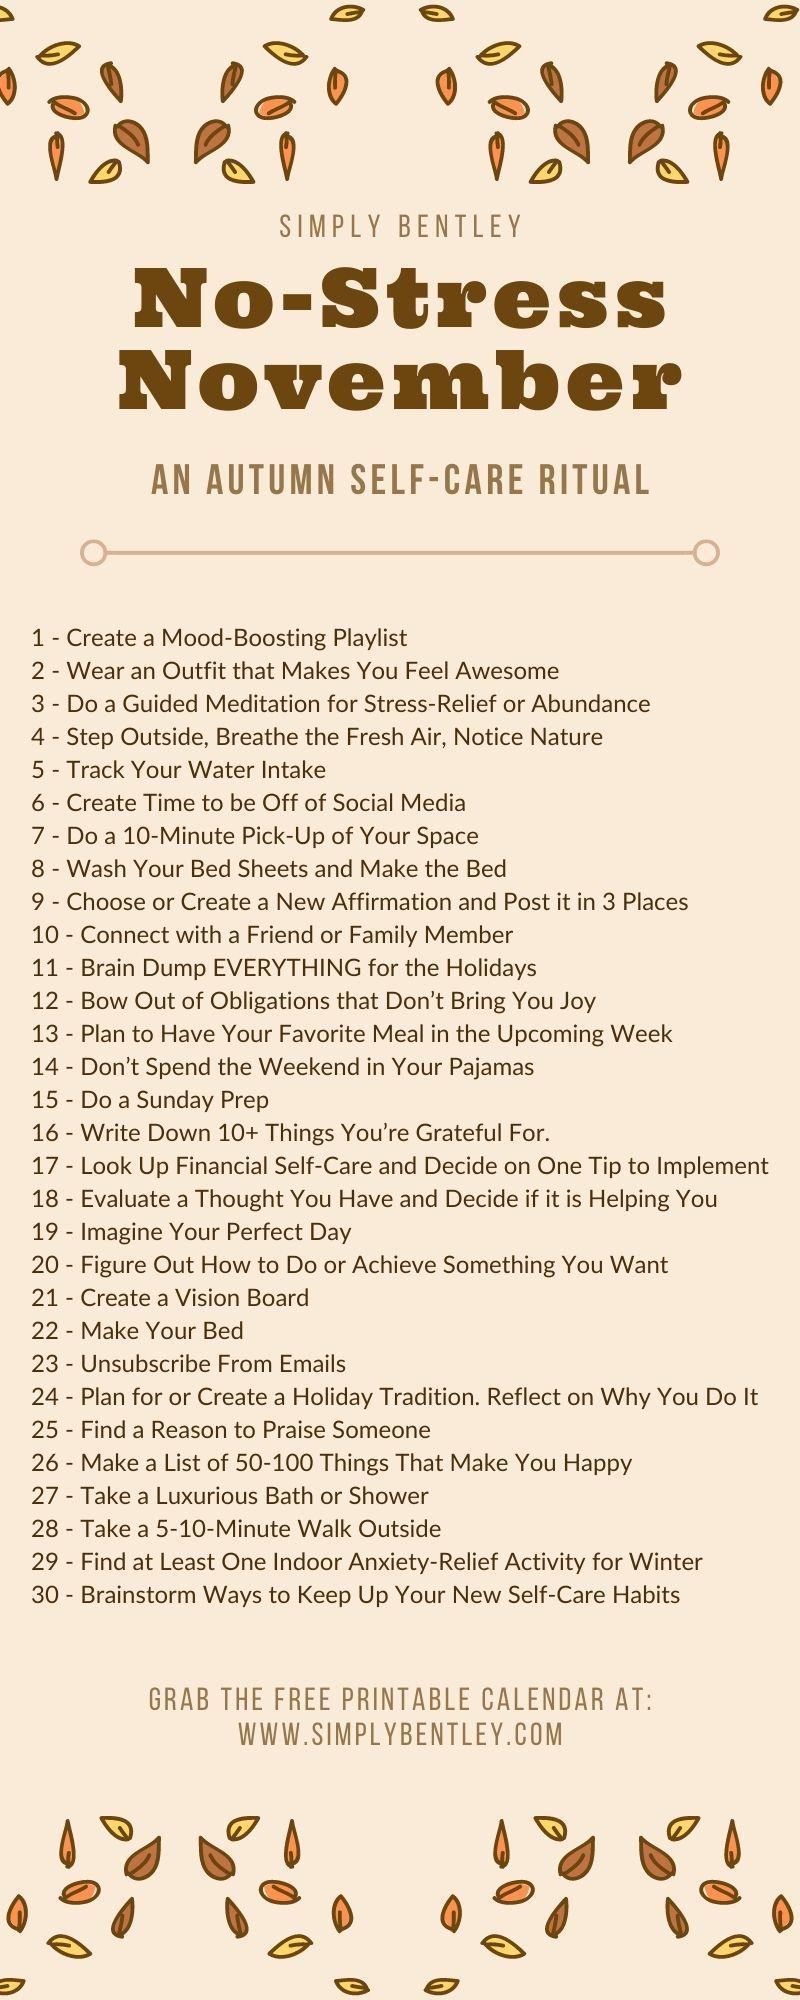 No-Stress November: An Autumn Self-Care Ritual